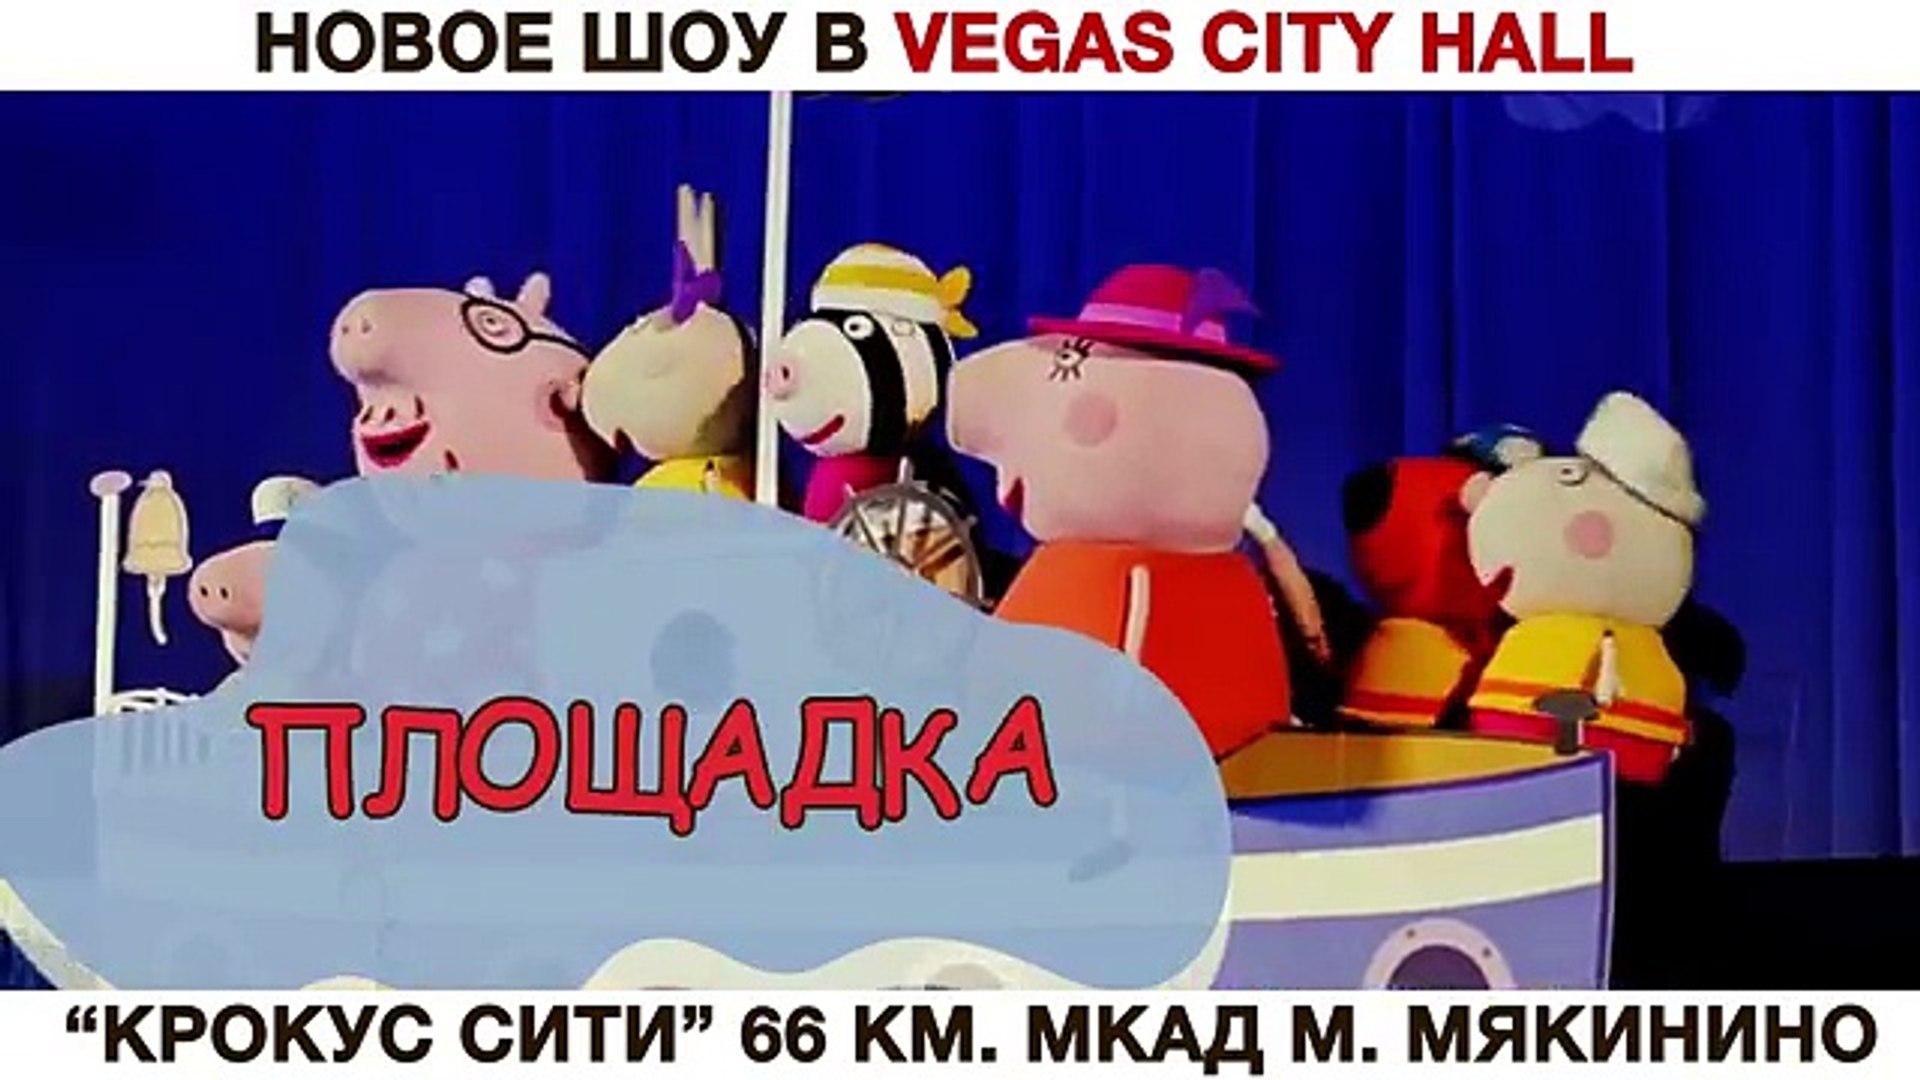 Свинка Пеппа / Vegas City Hall / 24 декабря 2016 - 8 января 2017